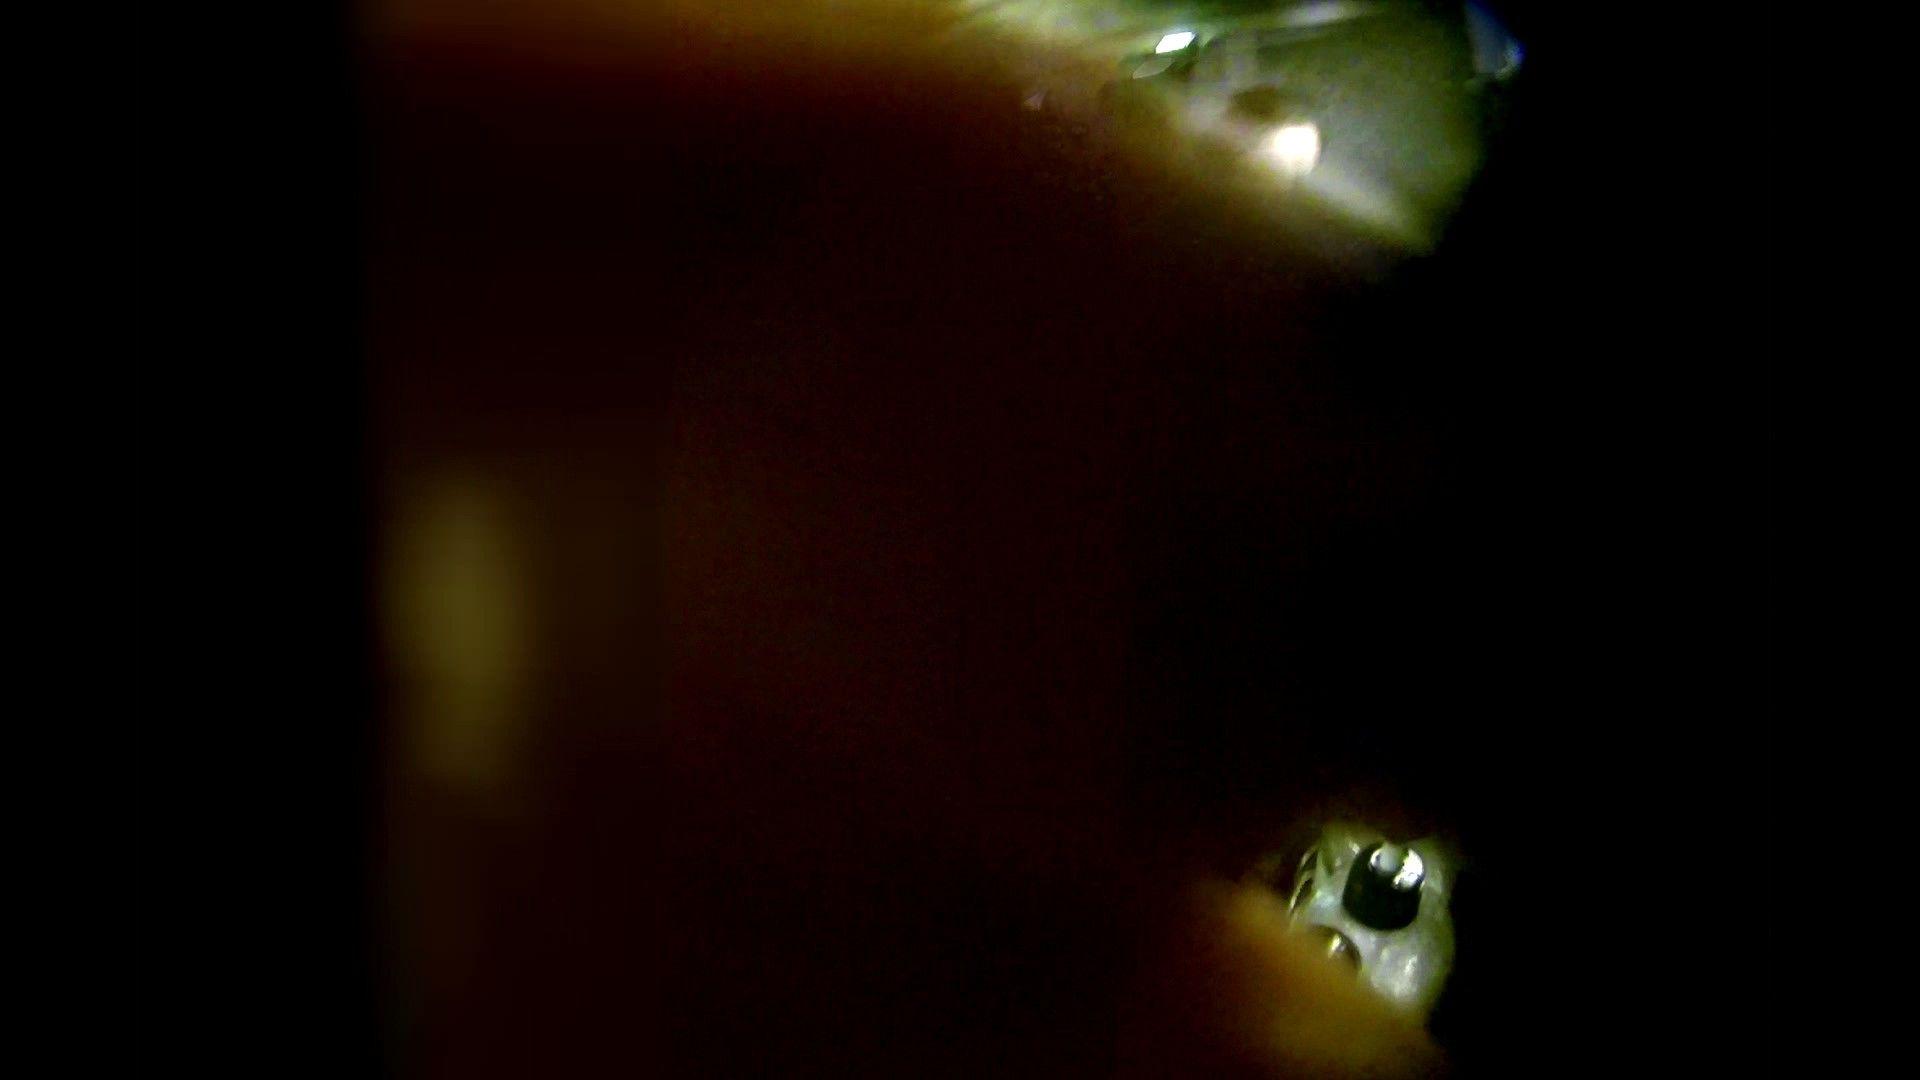 洗い場!右足の位置がいいですね。陰毛もっさり! 潜入 オメコ動画キャプチャ 111画像 68